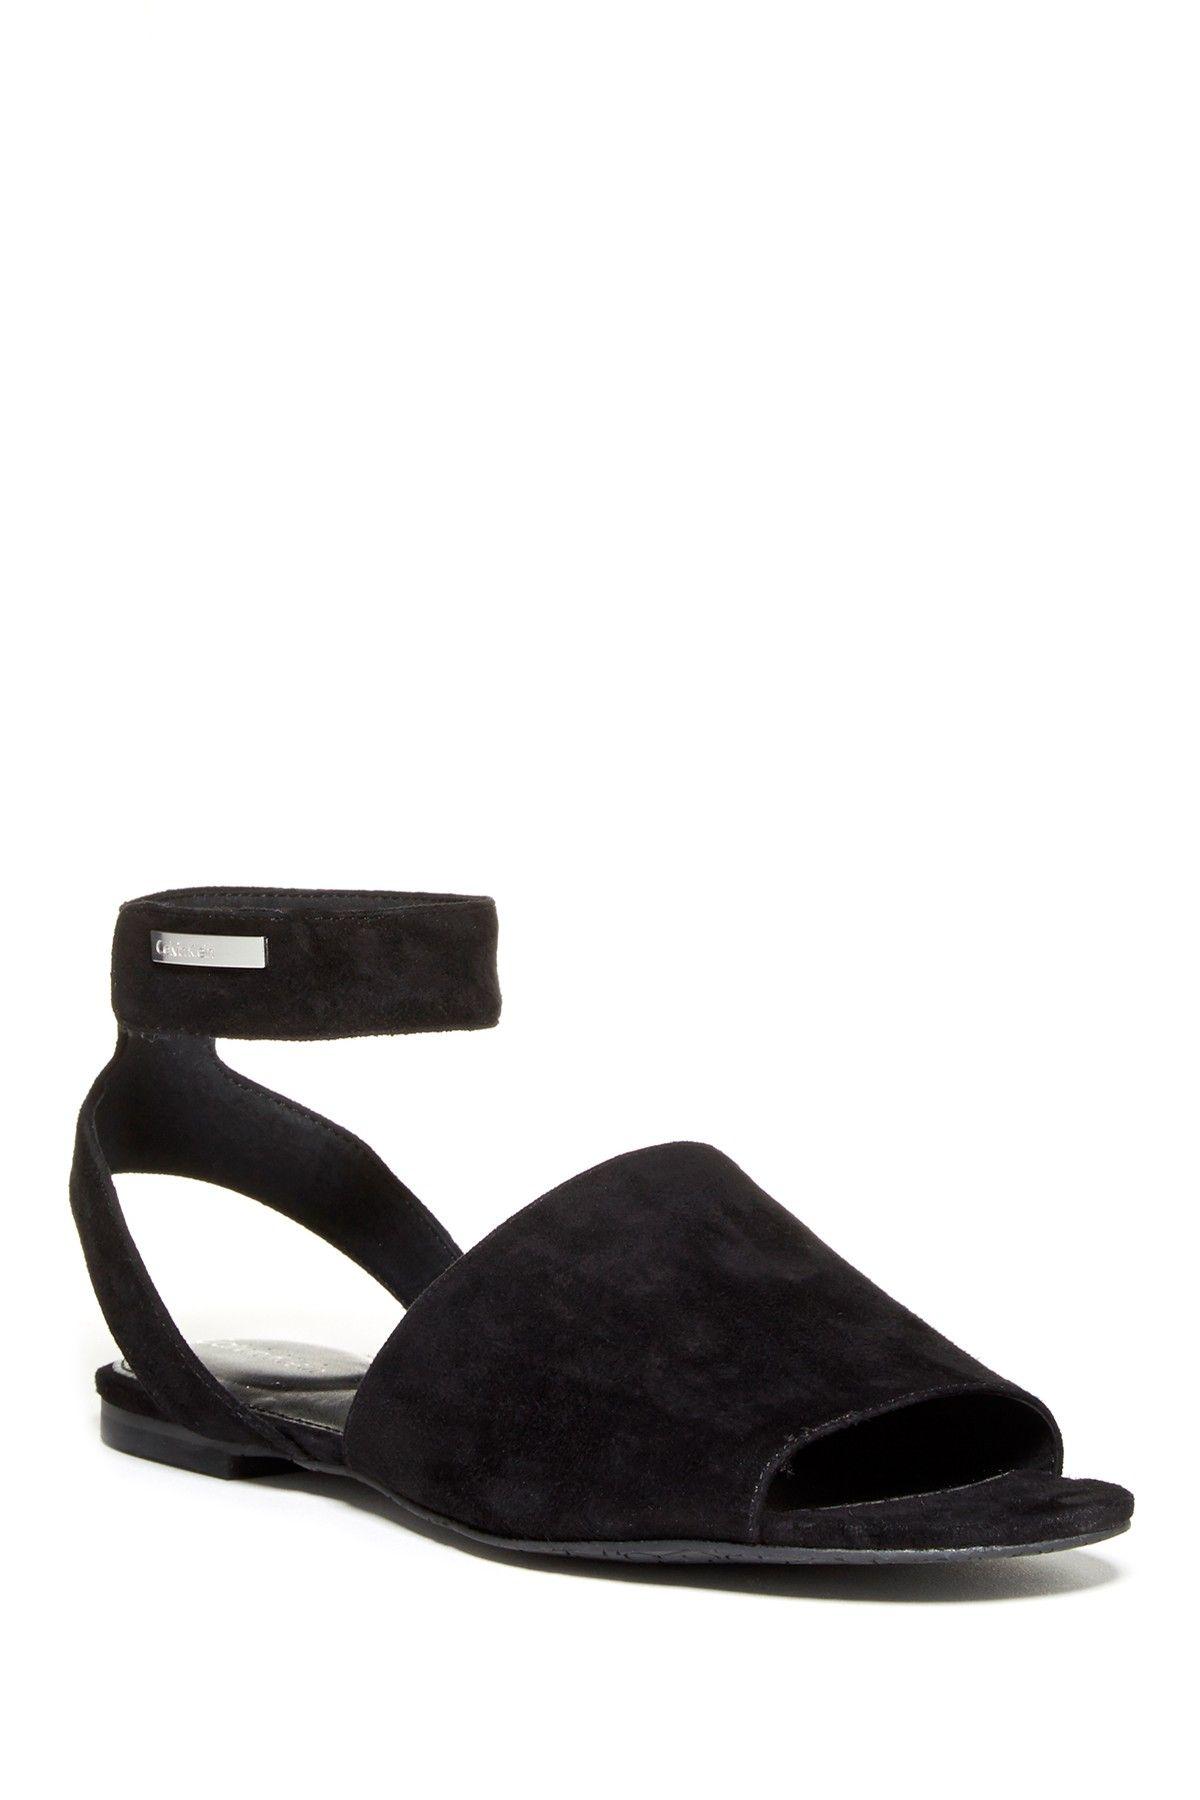 Etta Sandals